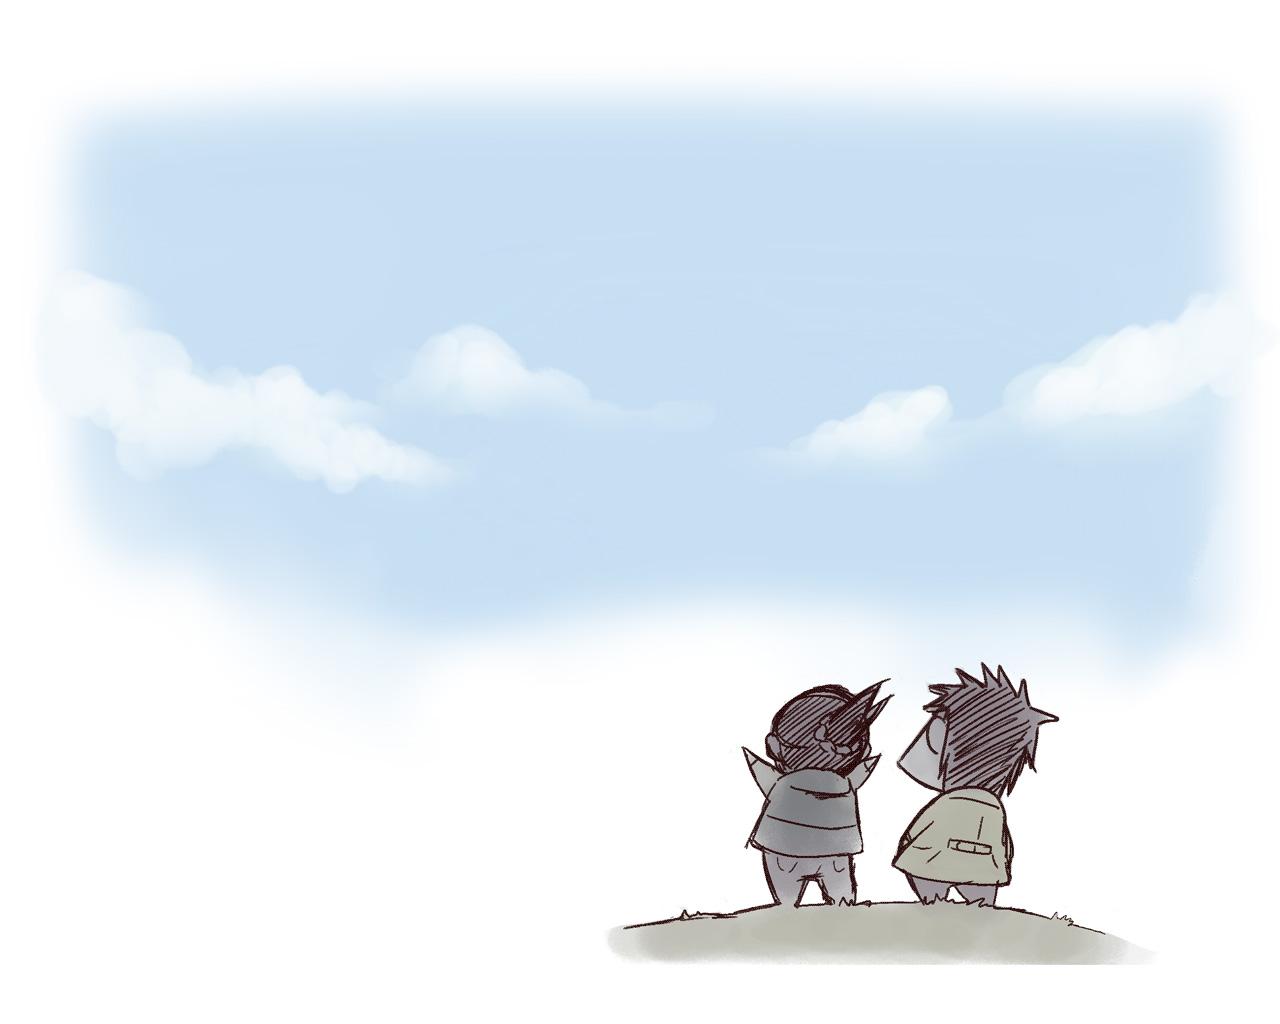 http://livedoor.blogimg.jp/keumaya-china/imgs/9/d/9d3ab6f7.jpg